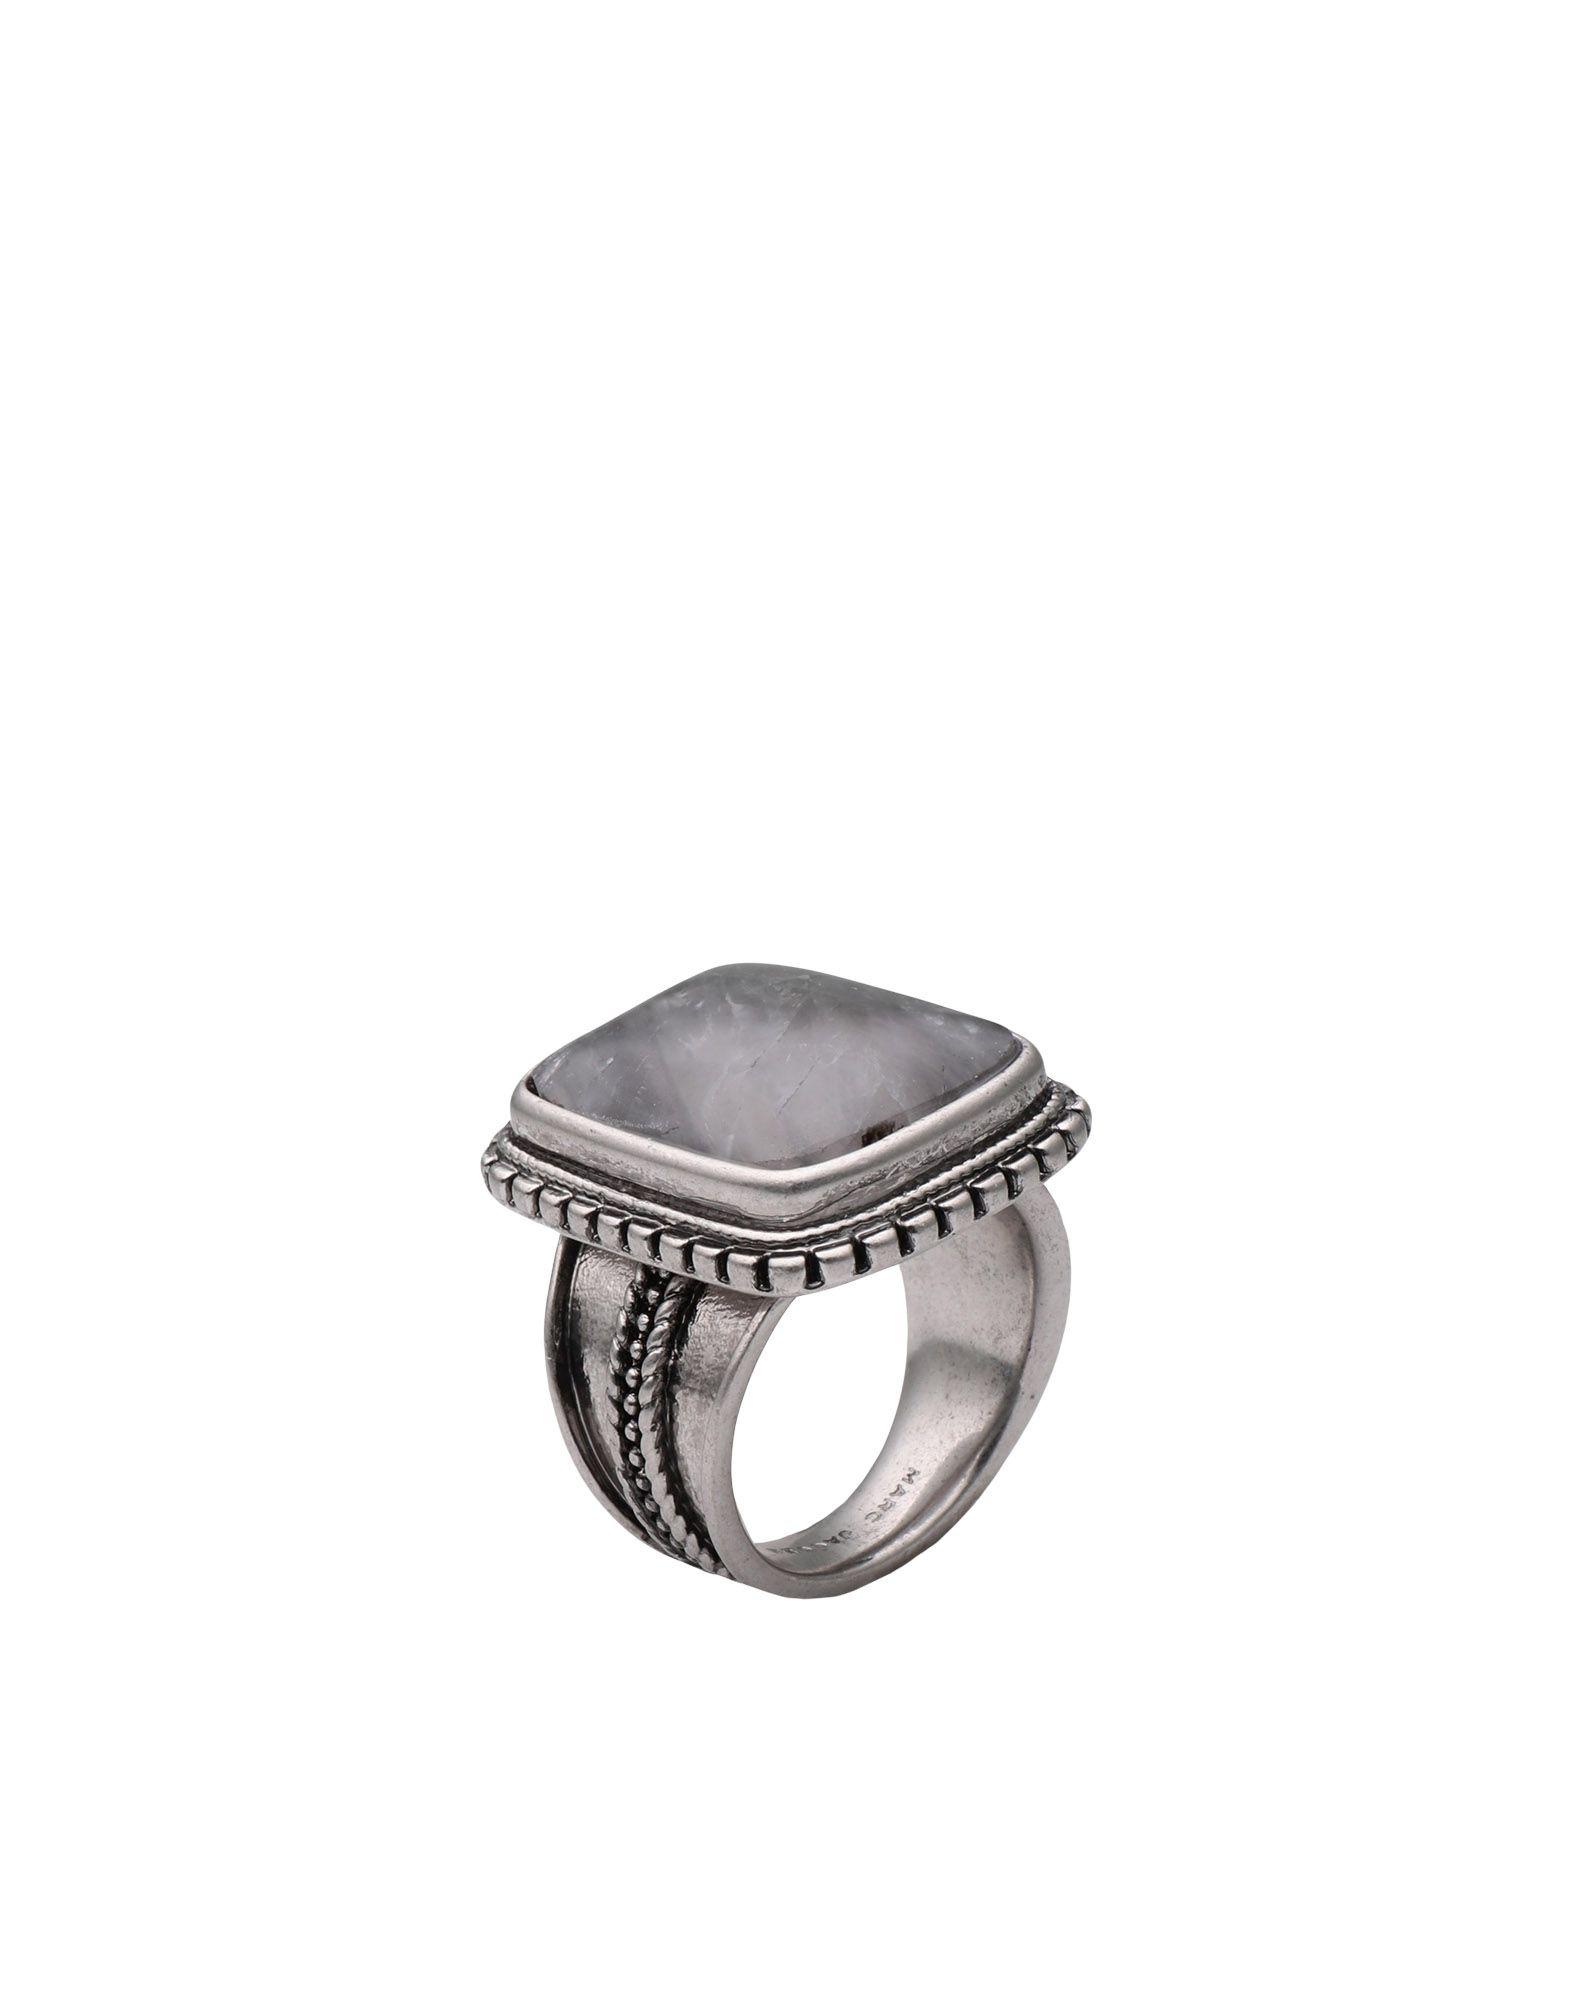 《期間限定 セール開催中》MARC JACOBS レディース 指輪 シルバー one size シルバー925/1000 INVISIBILITY RING